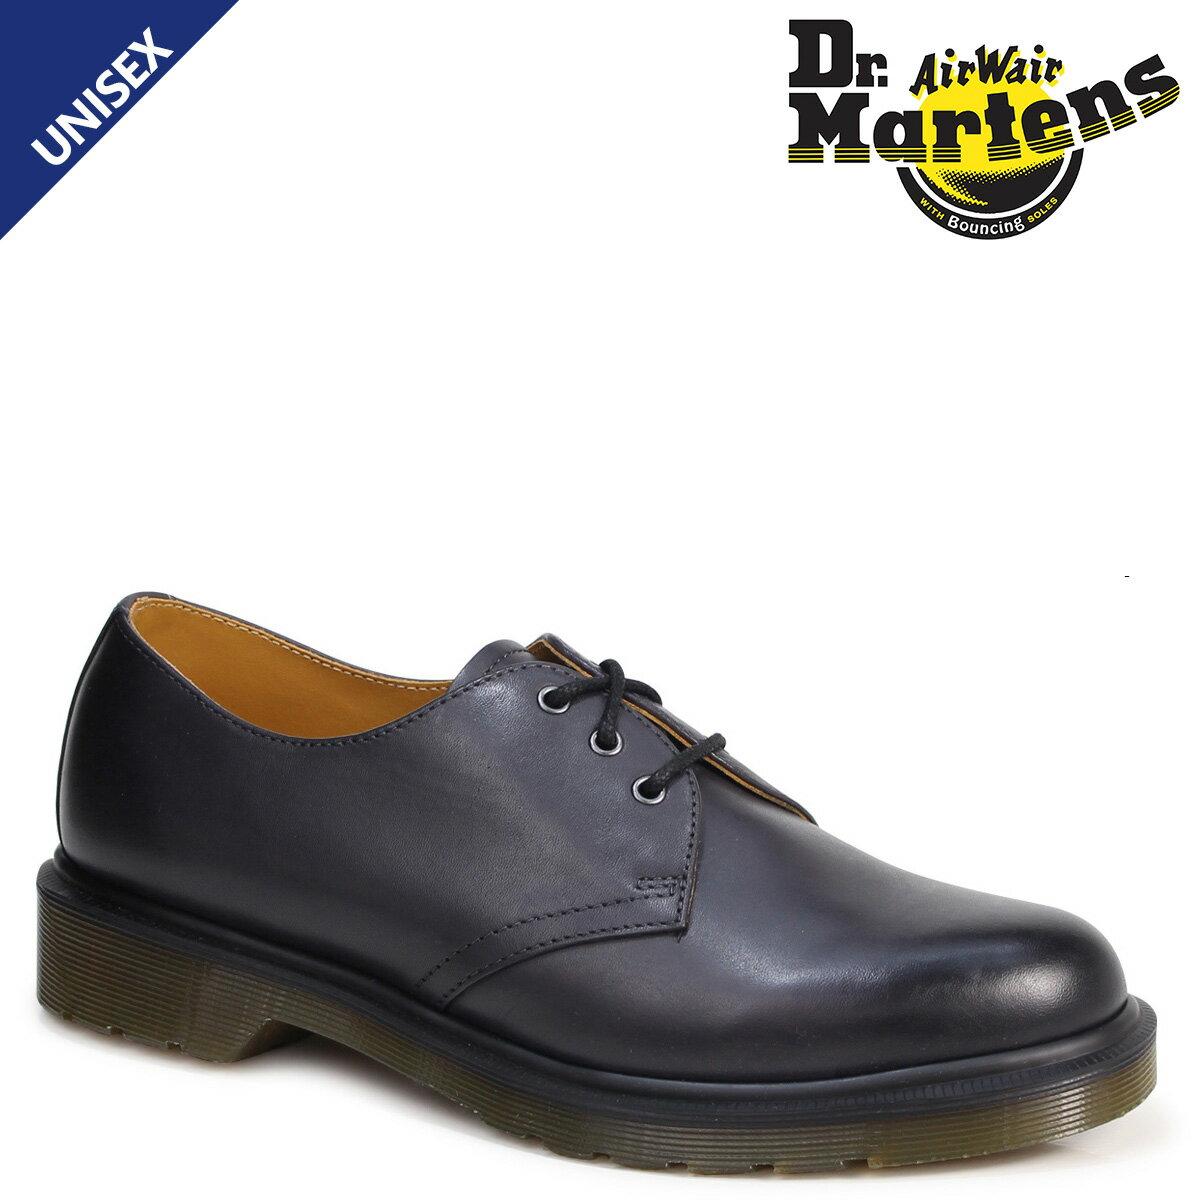 ドクターマーチン 3ホール 1461 メンズ レディース Dr.Martens オックスフォード シューズ 3EYELET SHOE R21153005 ブラック